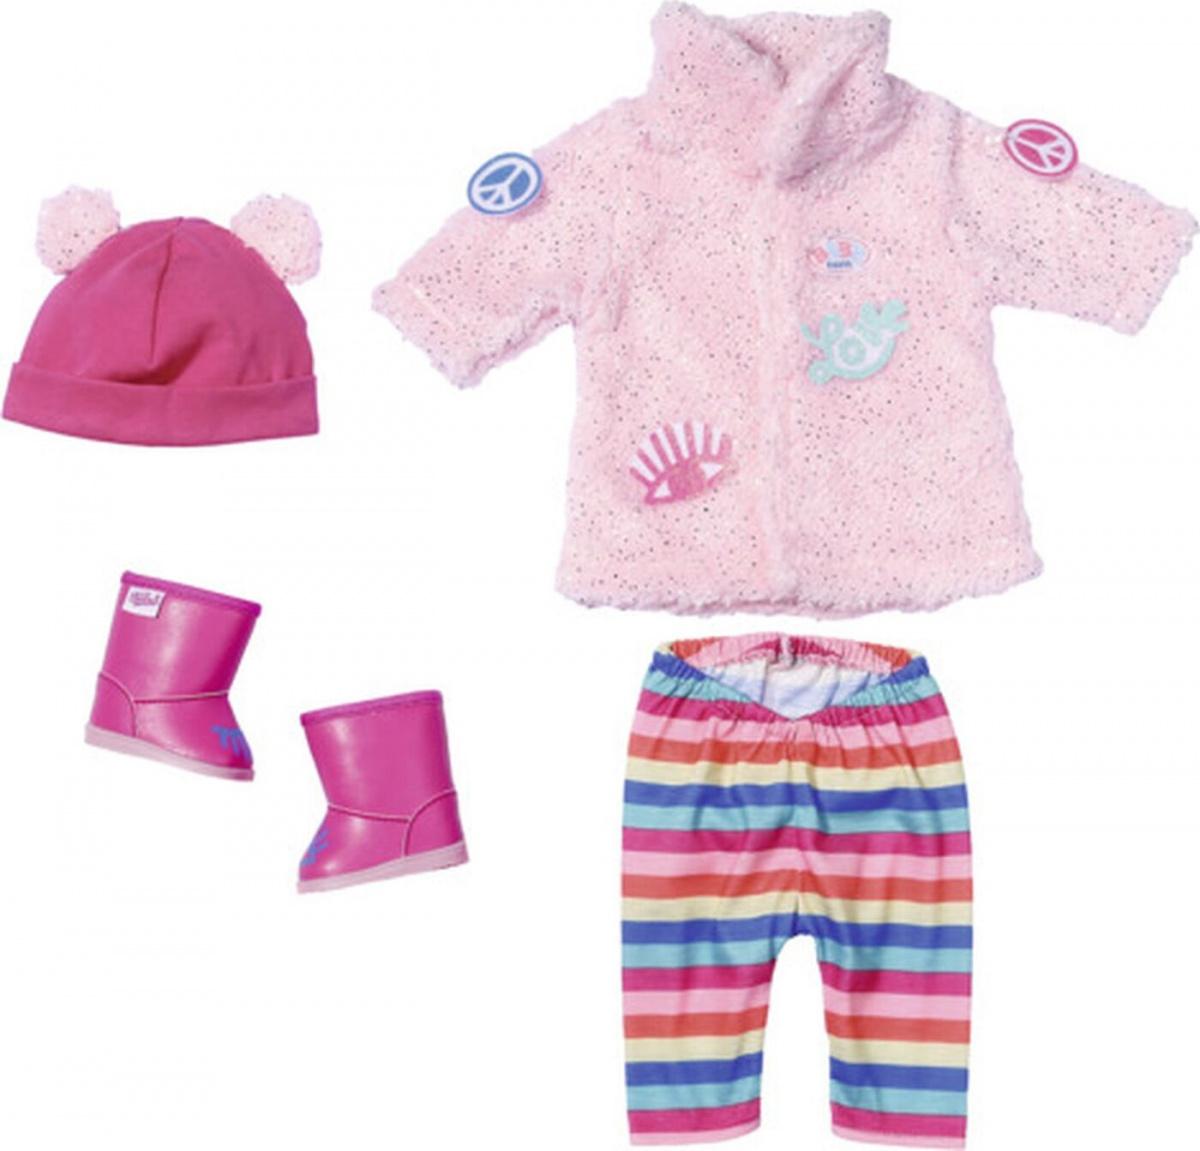 Купить Одежда для куклы Baby born - Зимняя одежда для модниц, Zapf Creation